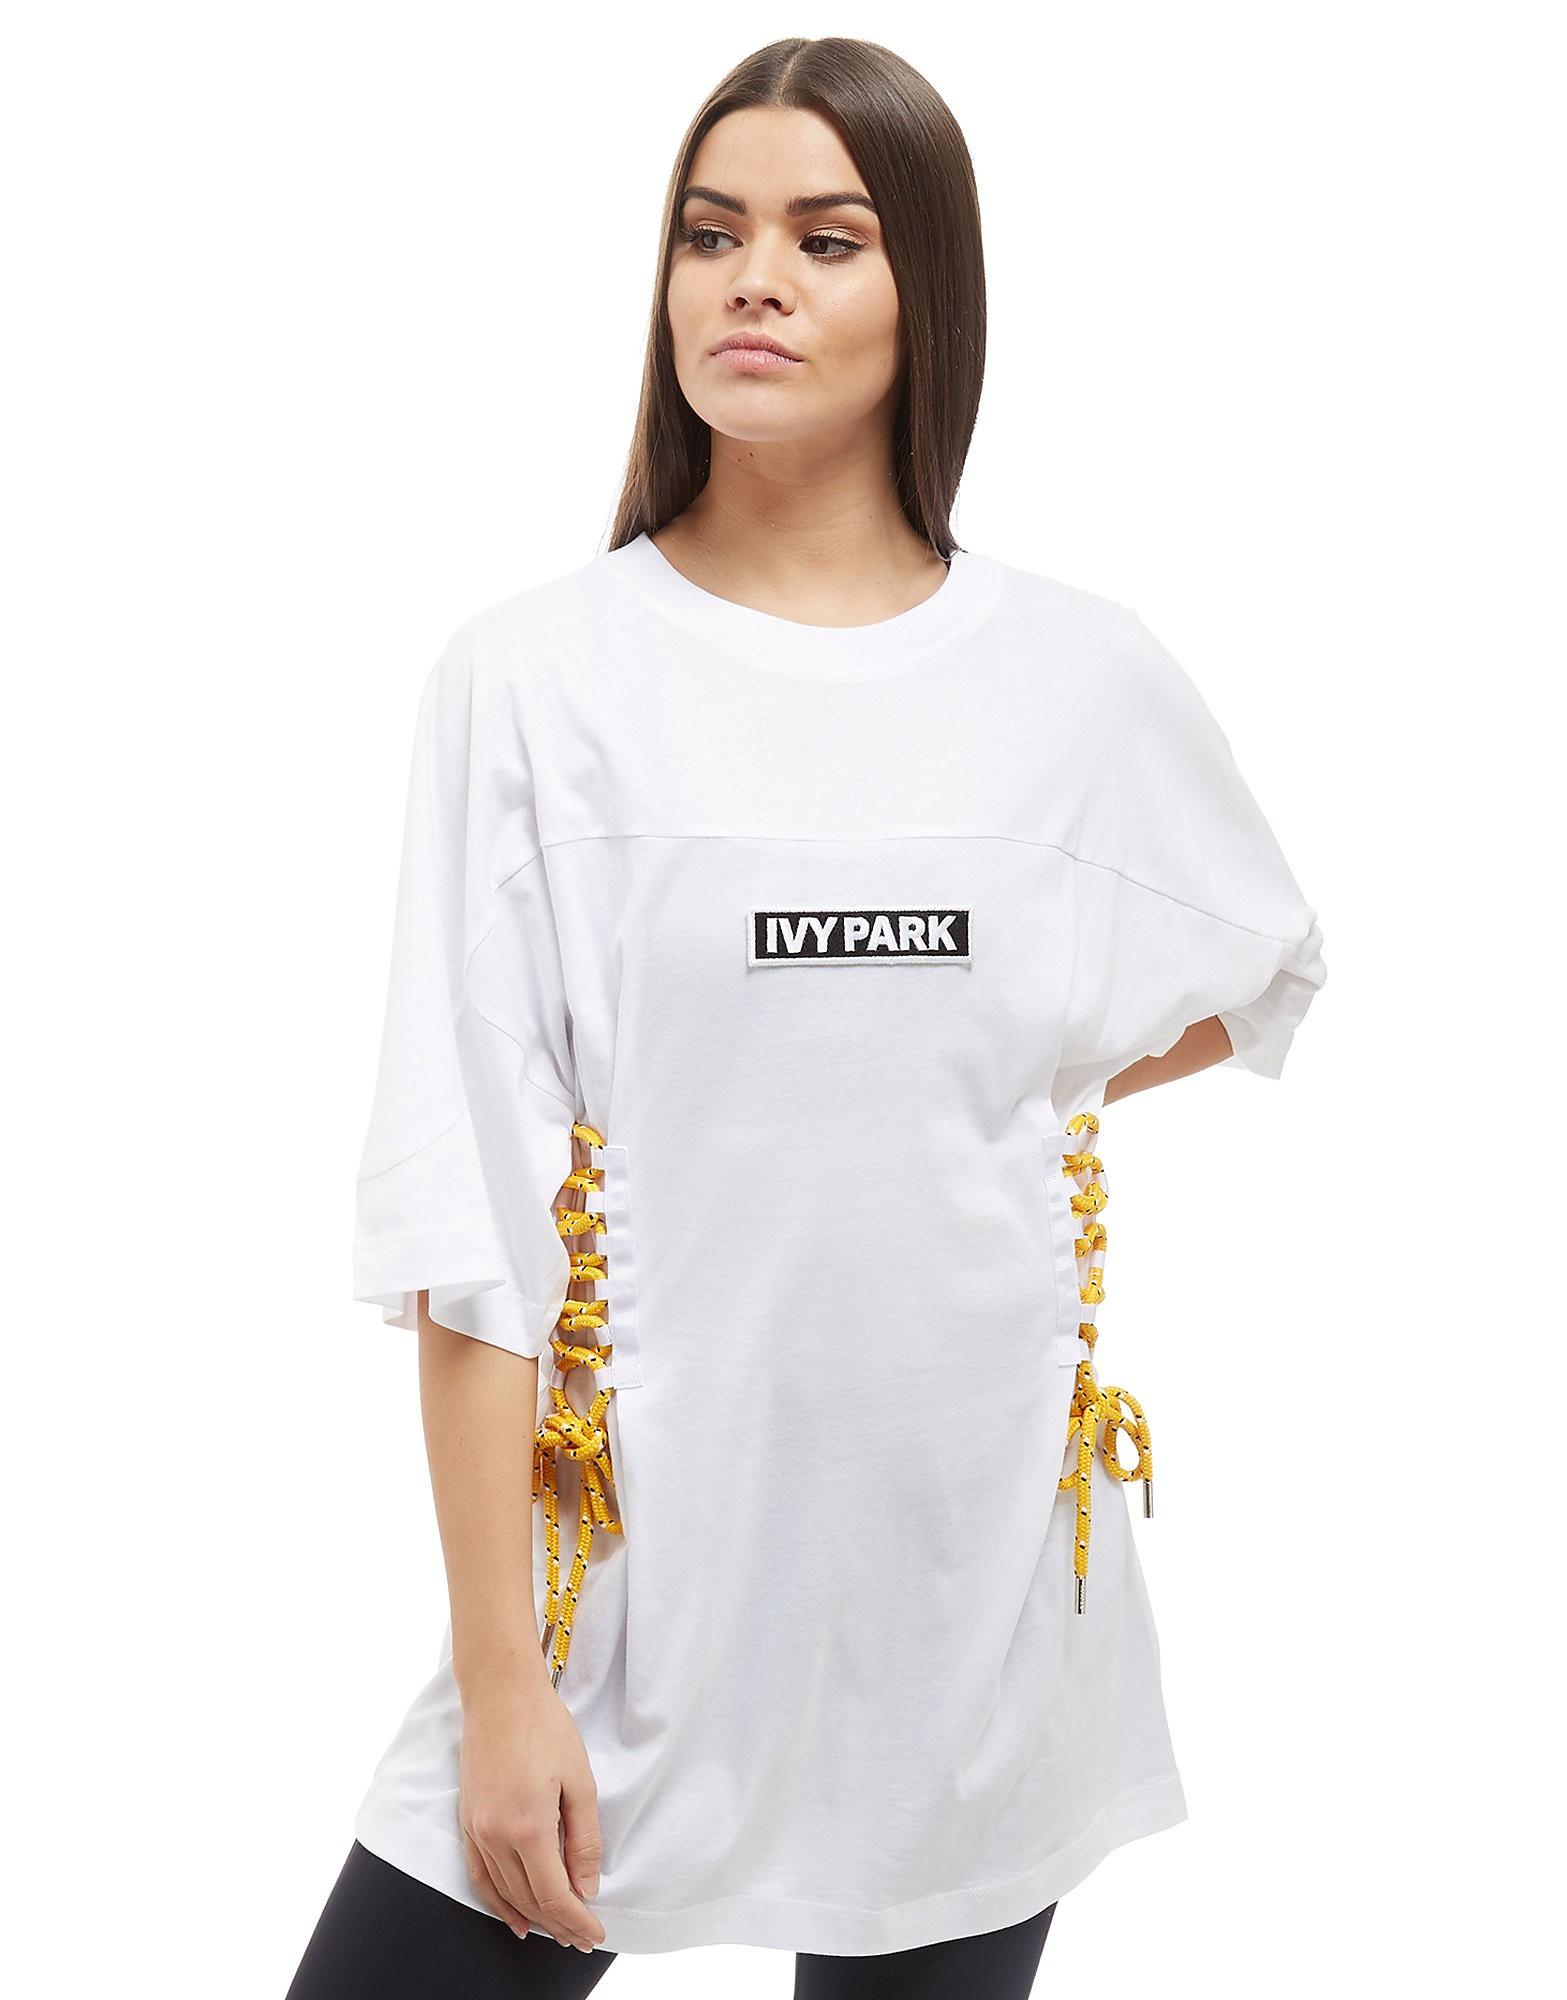 IVY PARK Lace Up Boyfriend T-Shirt